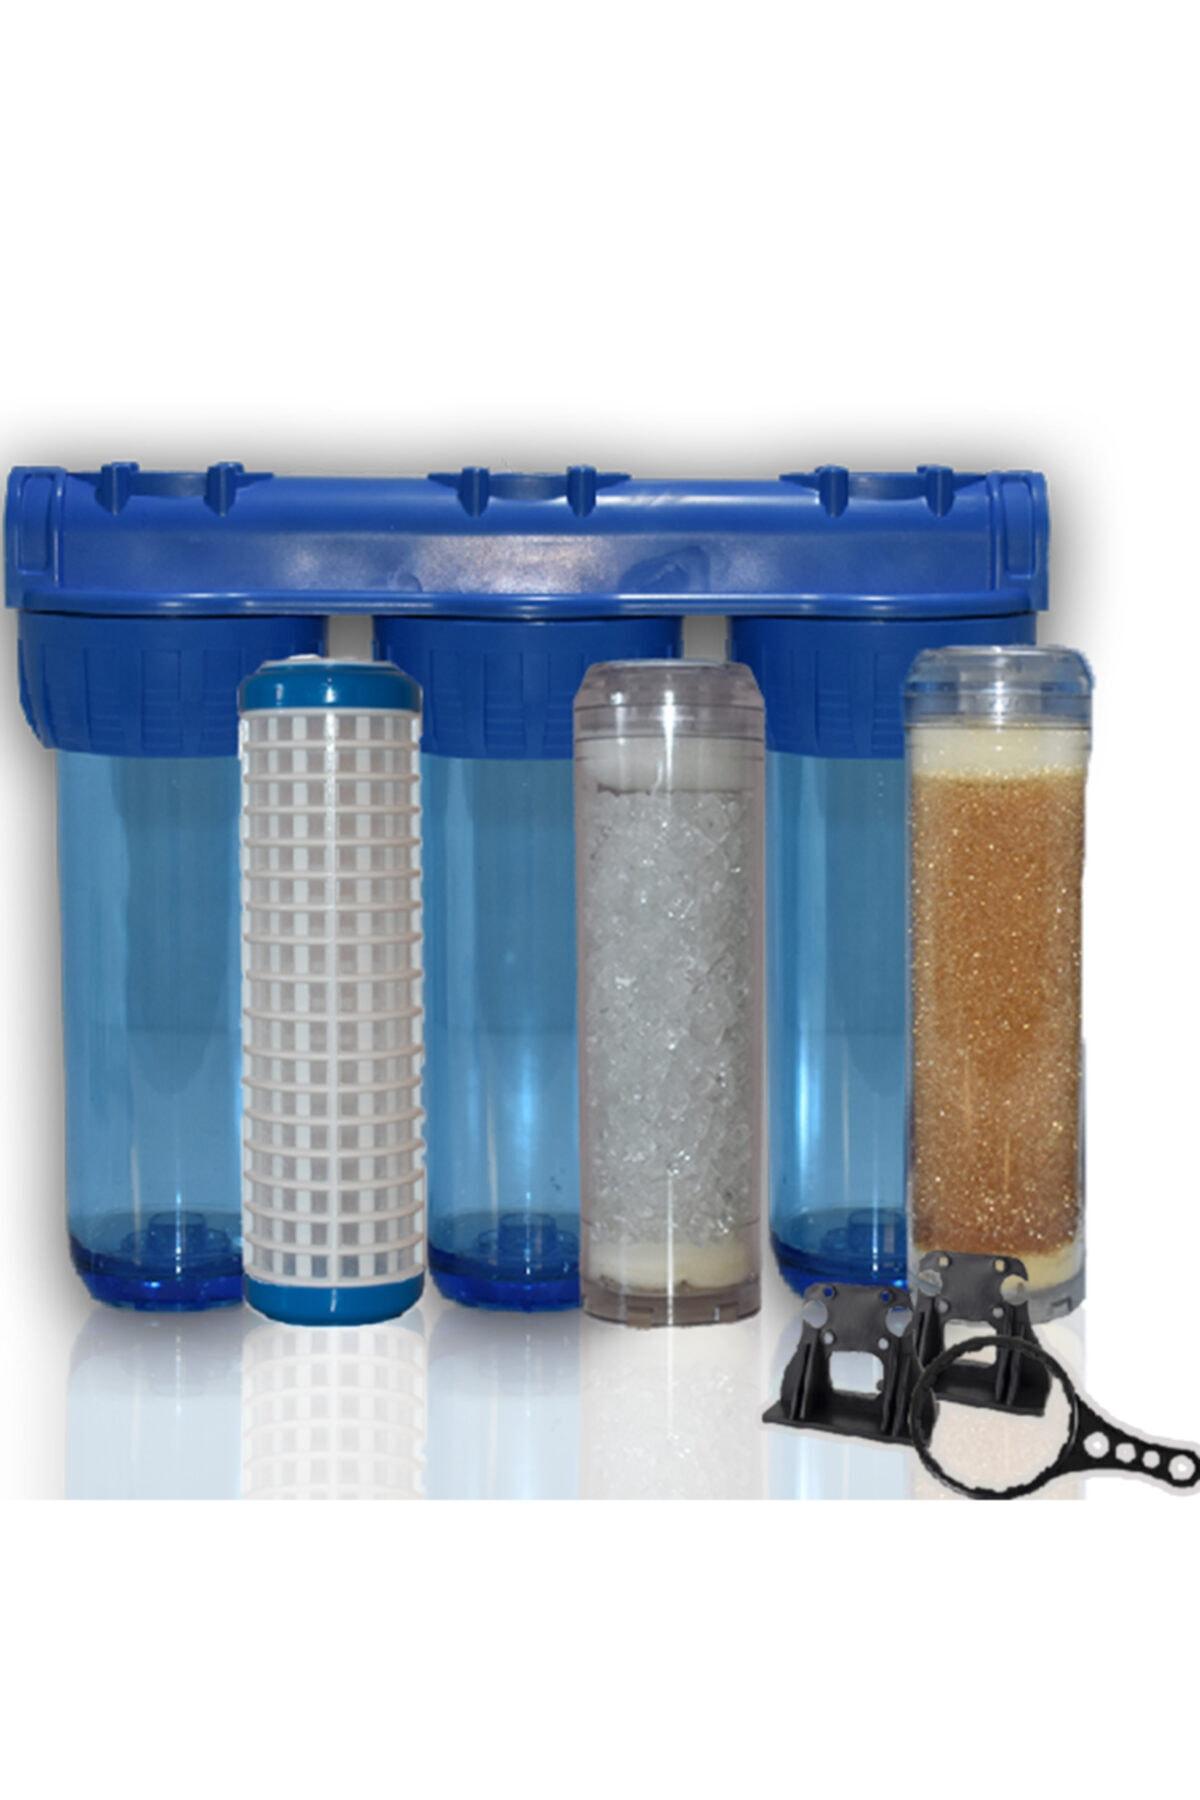 Daire Bina Sayaç Girişi 3 Aşama Su Arıtma Cihazı ( Ağır Kireç Önleyici Yumuşatma Sistemi )